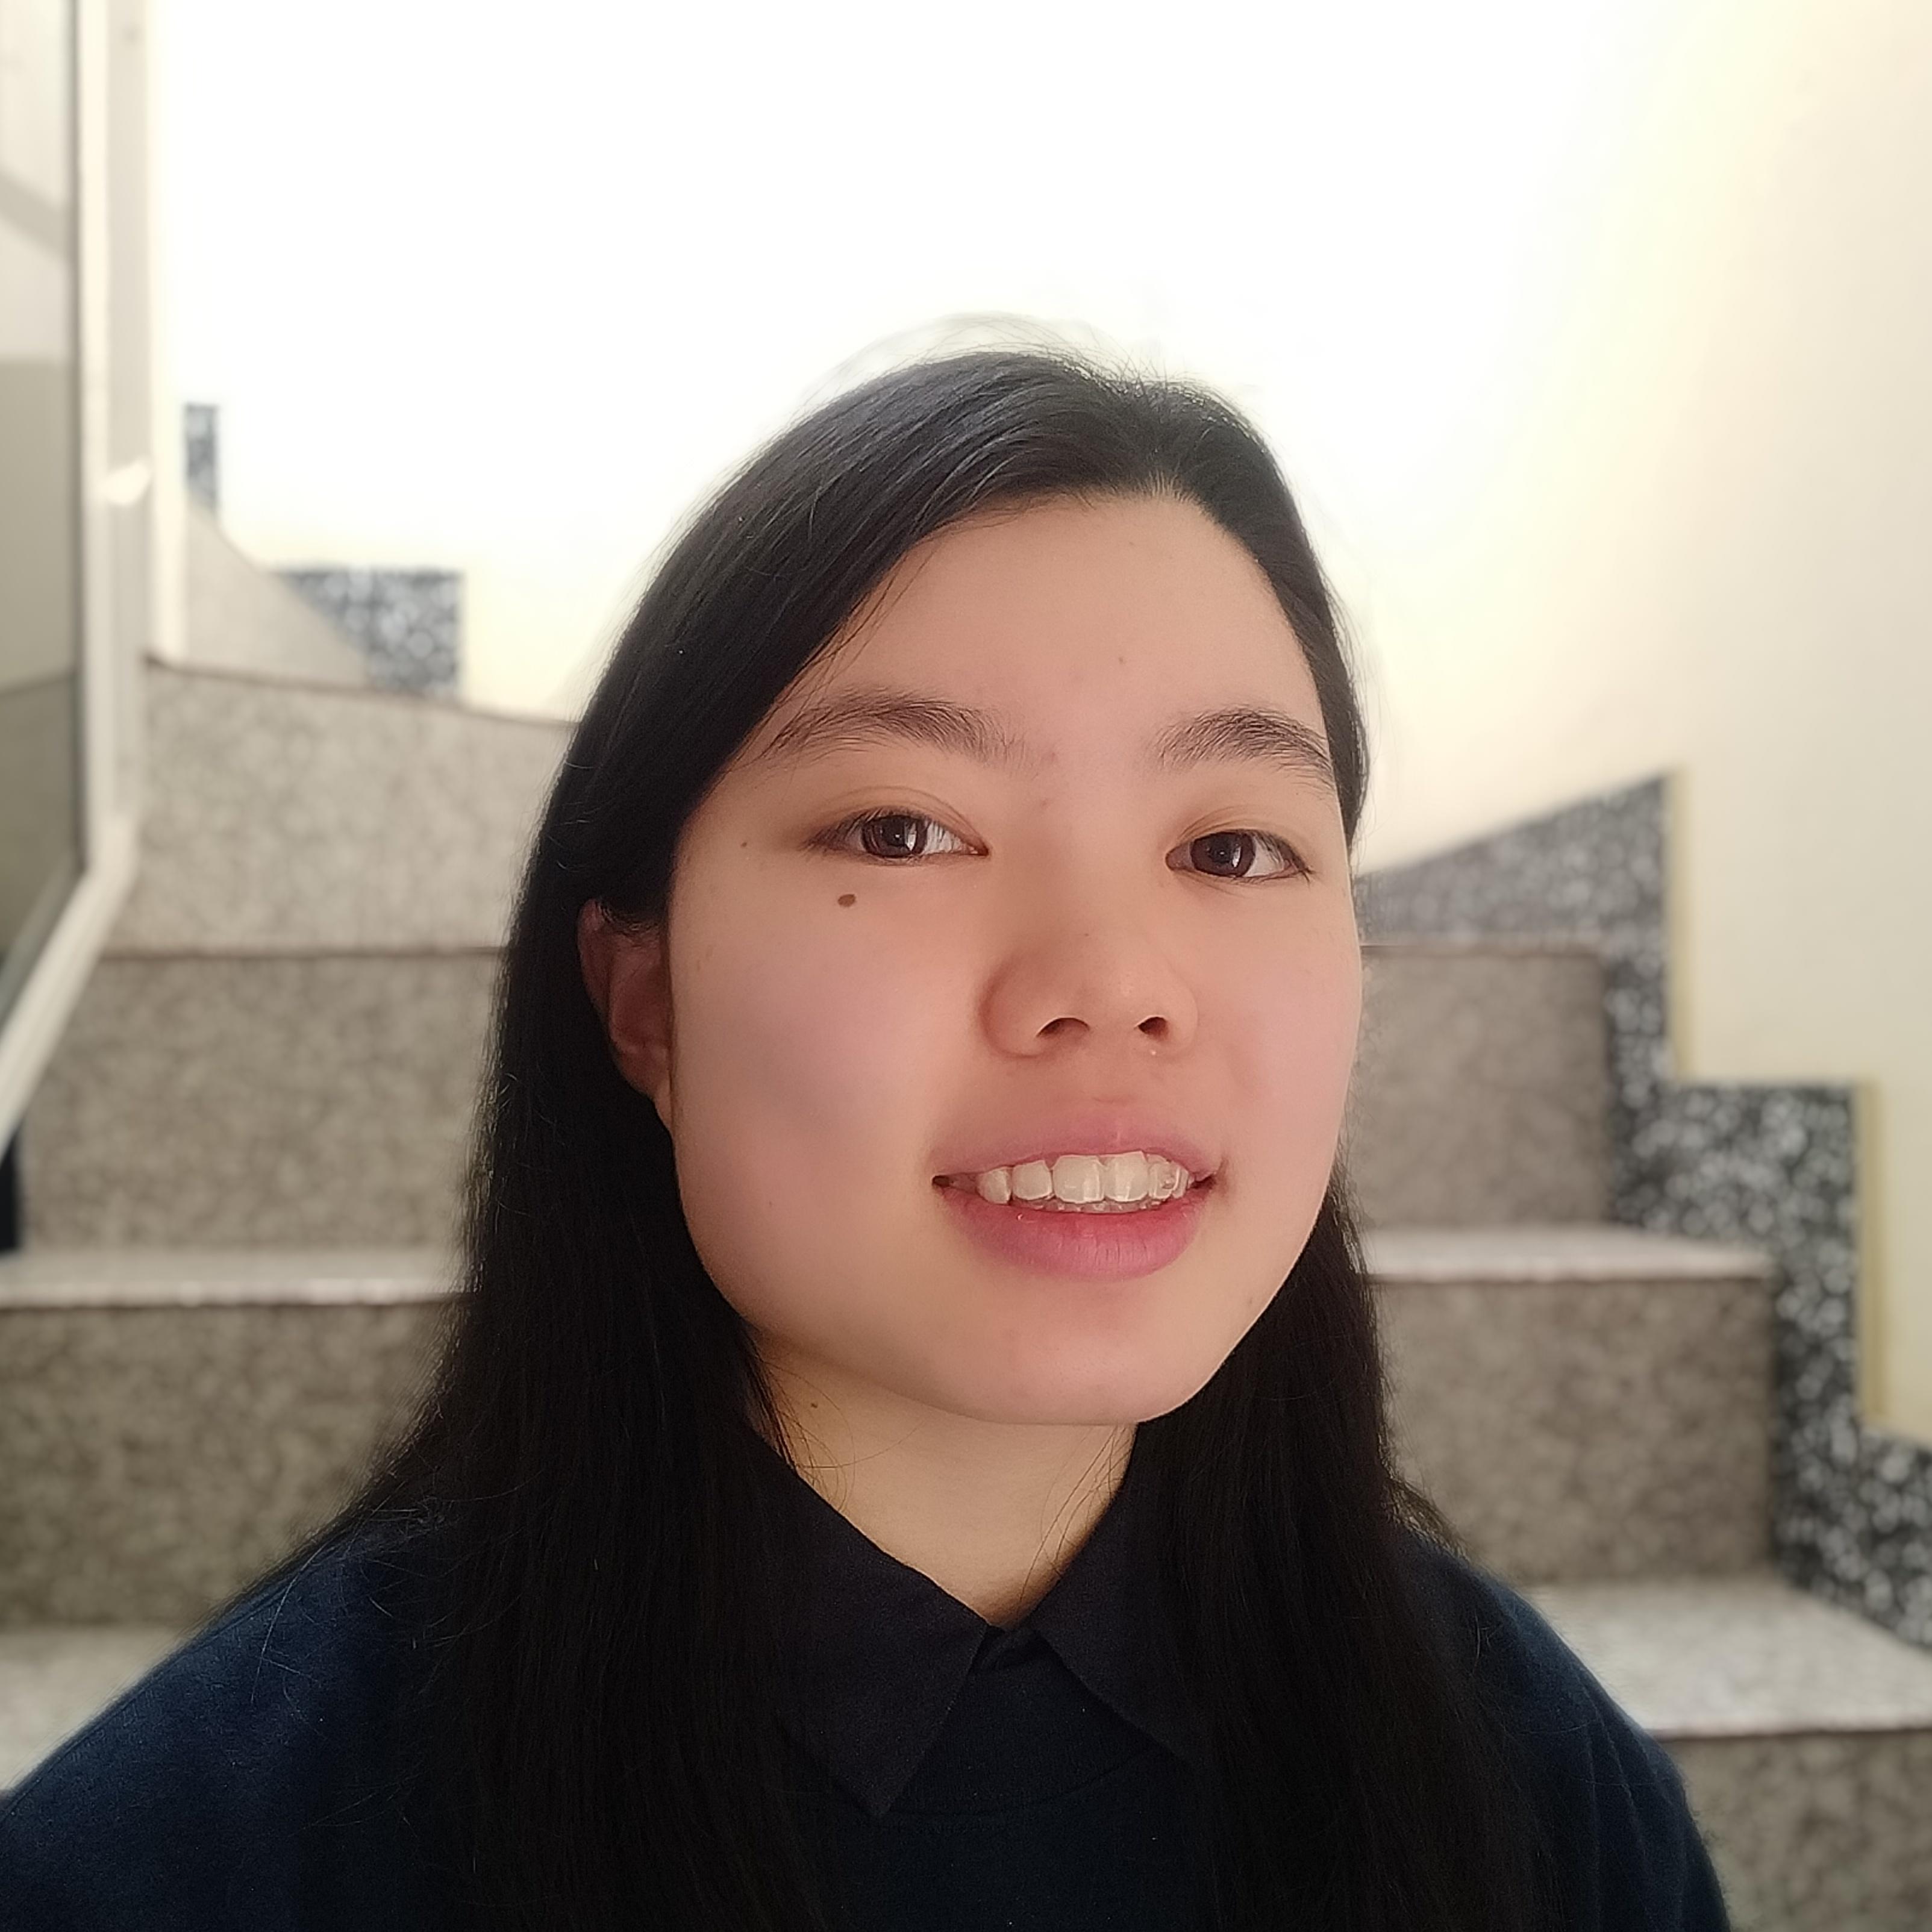 Tiana Tsang Ung